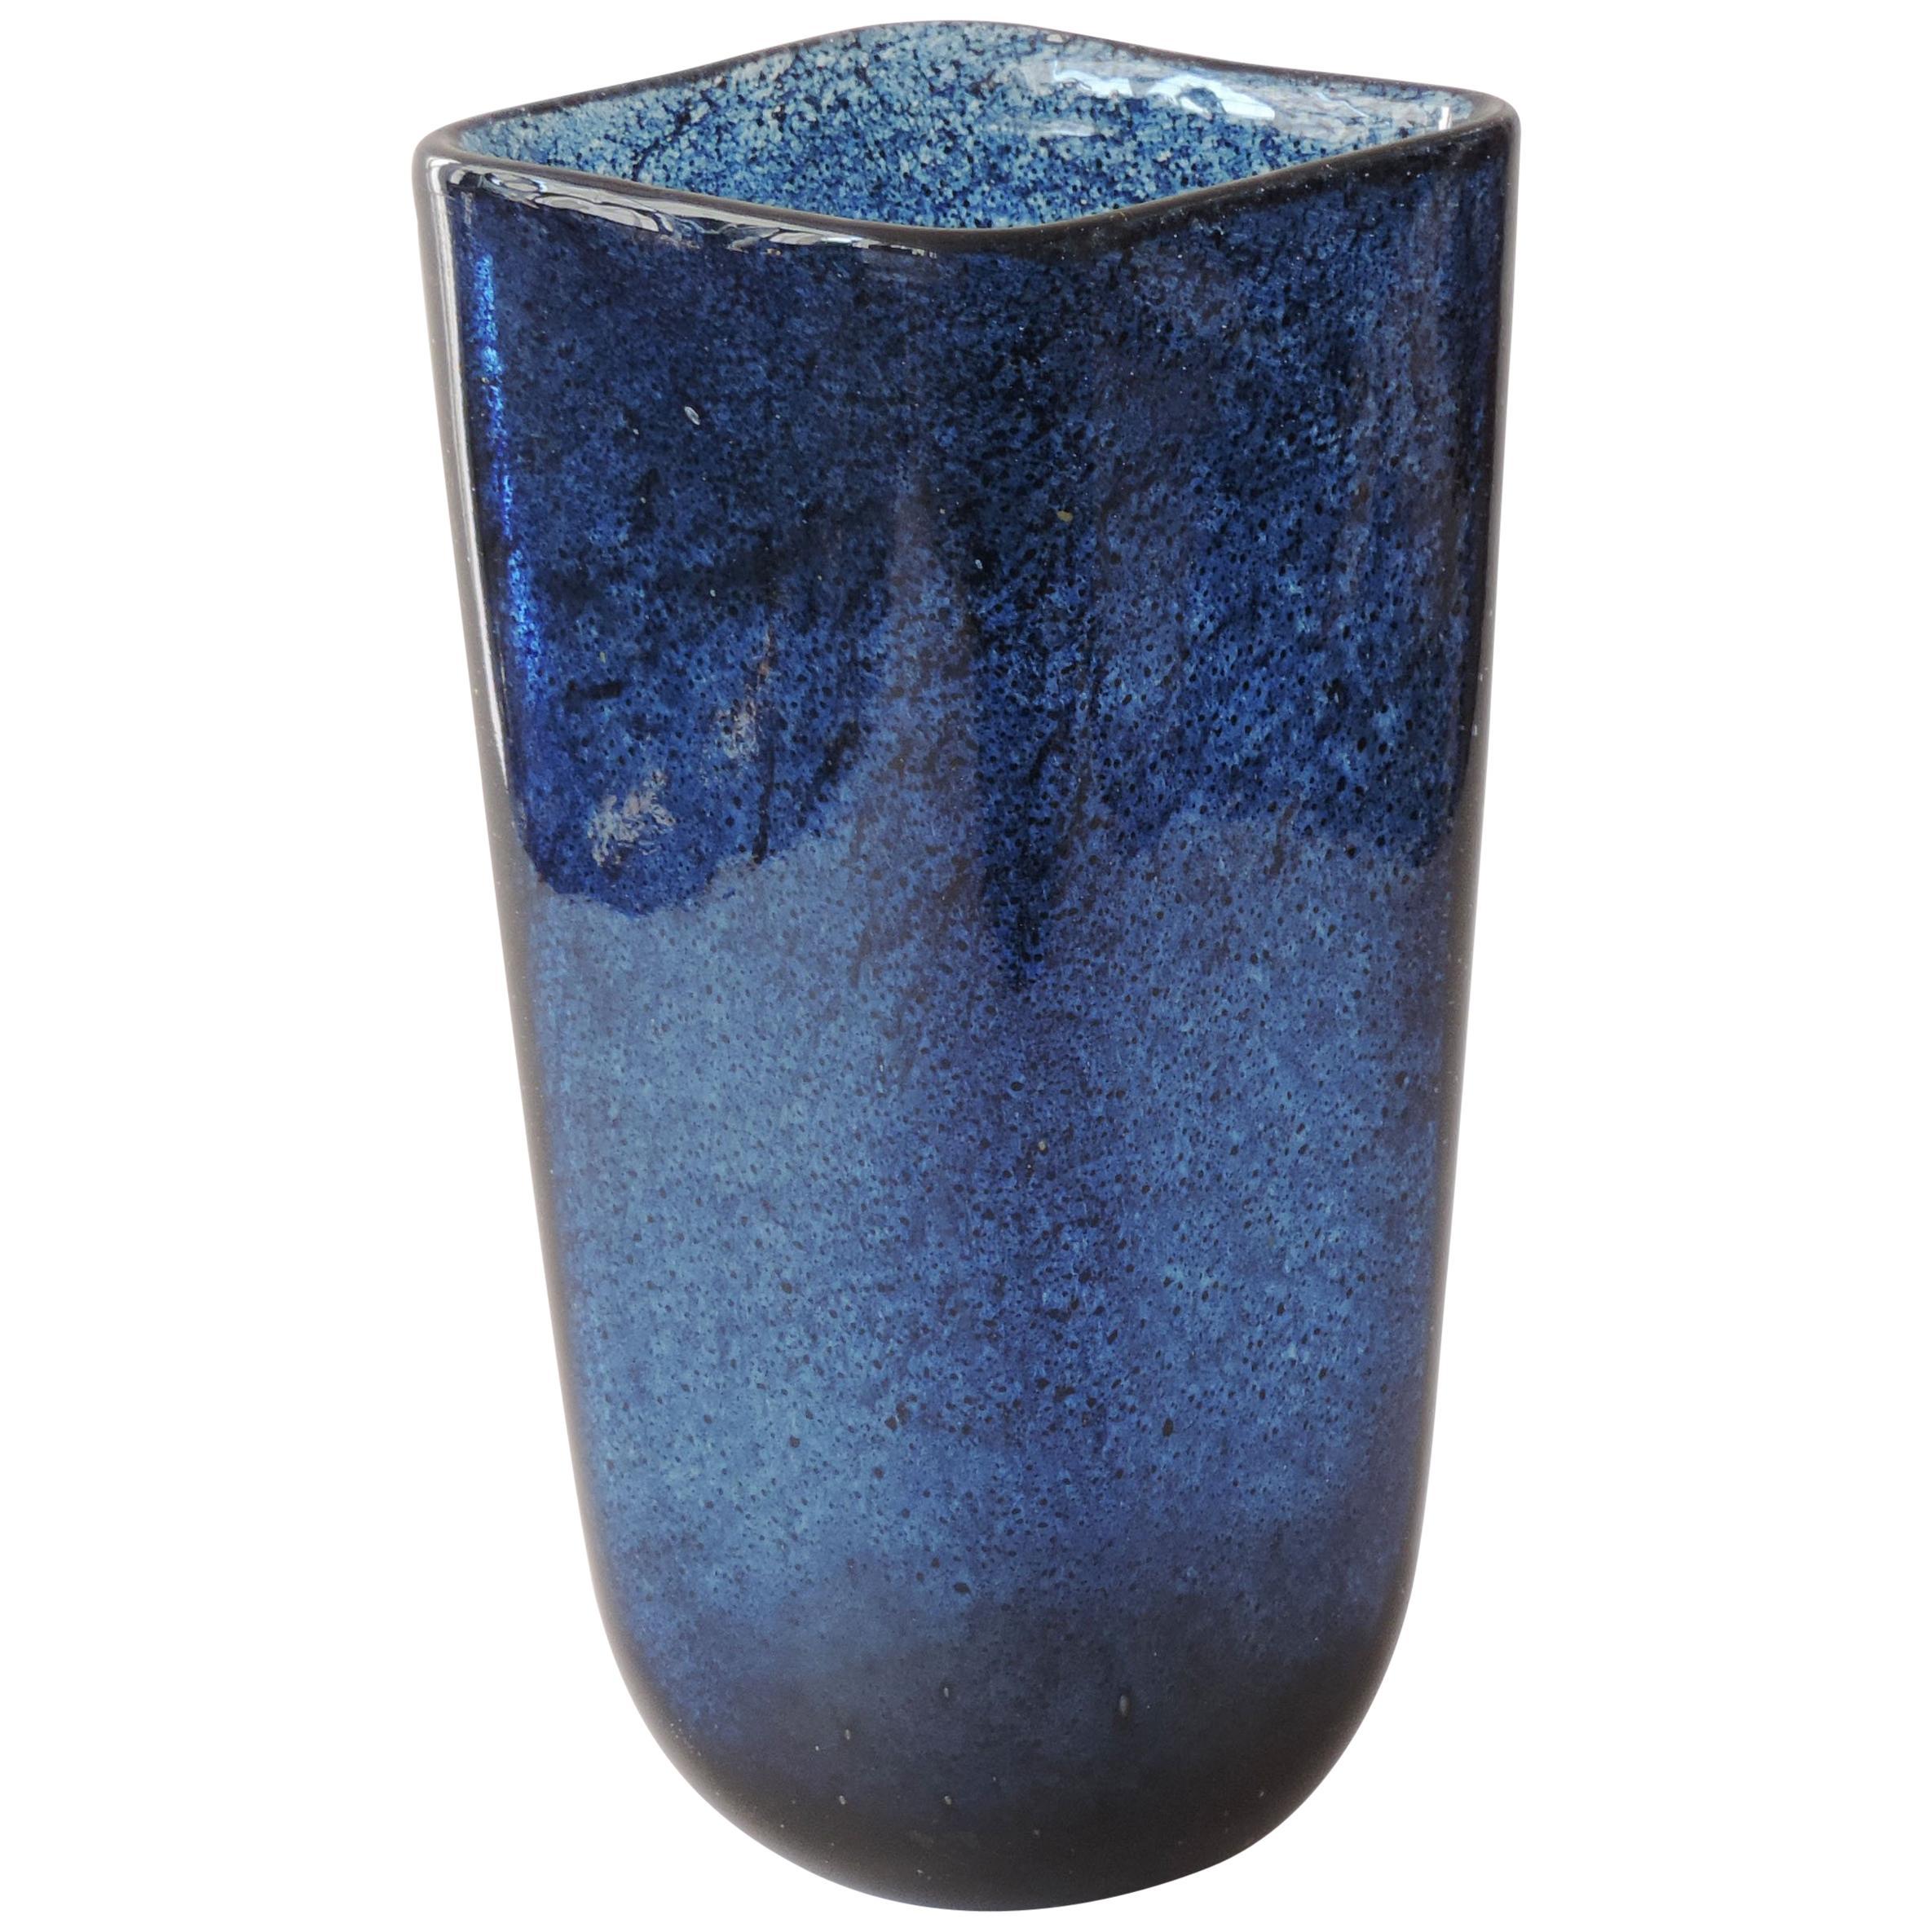 Ercole Barovier 'Marina Gemmata' Vase for Ferro Toso Barovier, Italy, 1930s